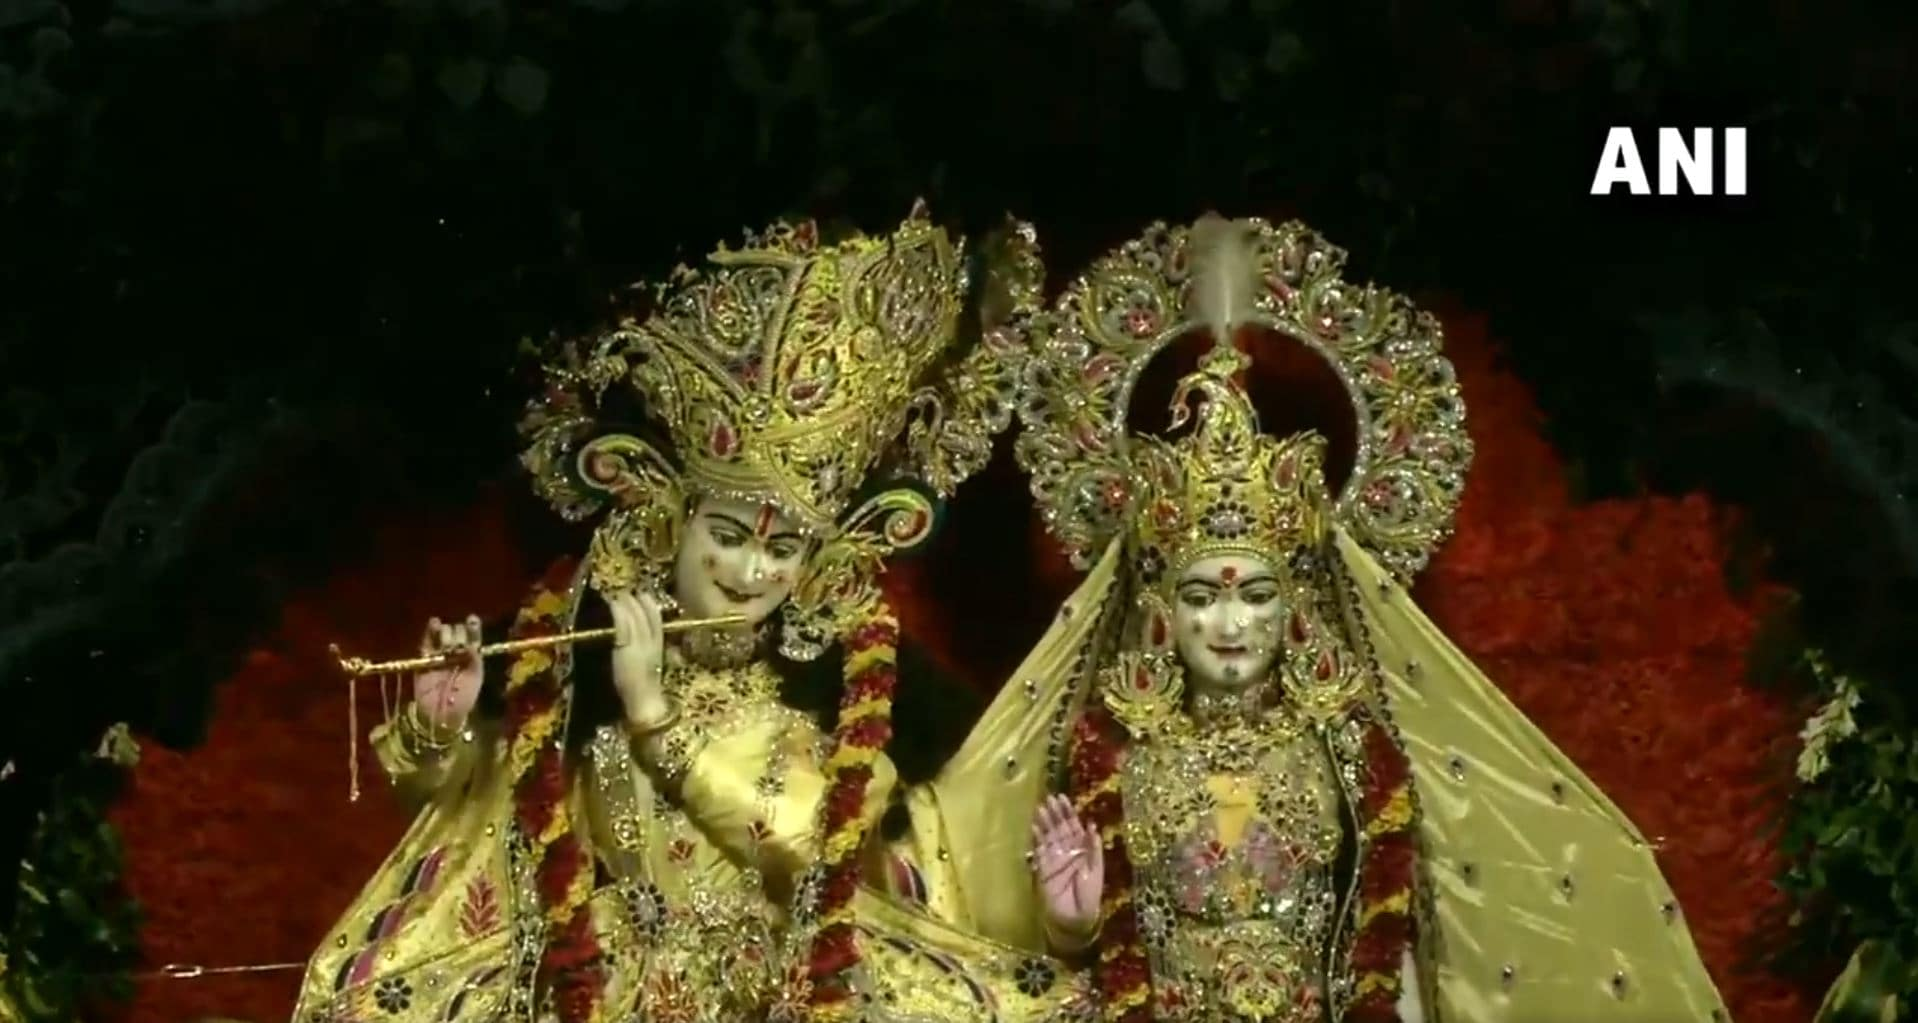 ప్రముఖ మధురలోని కృష్ణ జన్మభూమి ఆలయంలో జన్మాష్టమి, హారతి వేడుకలు (image : Twitter - ANI)